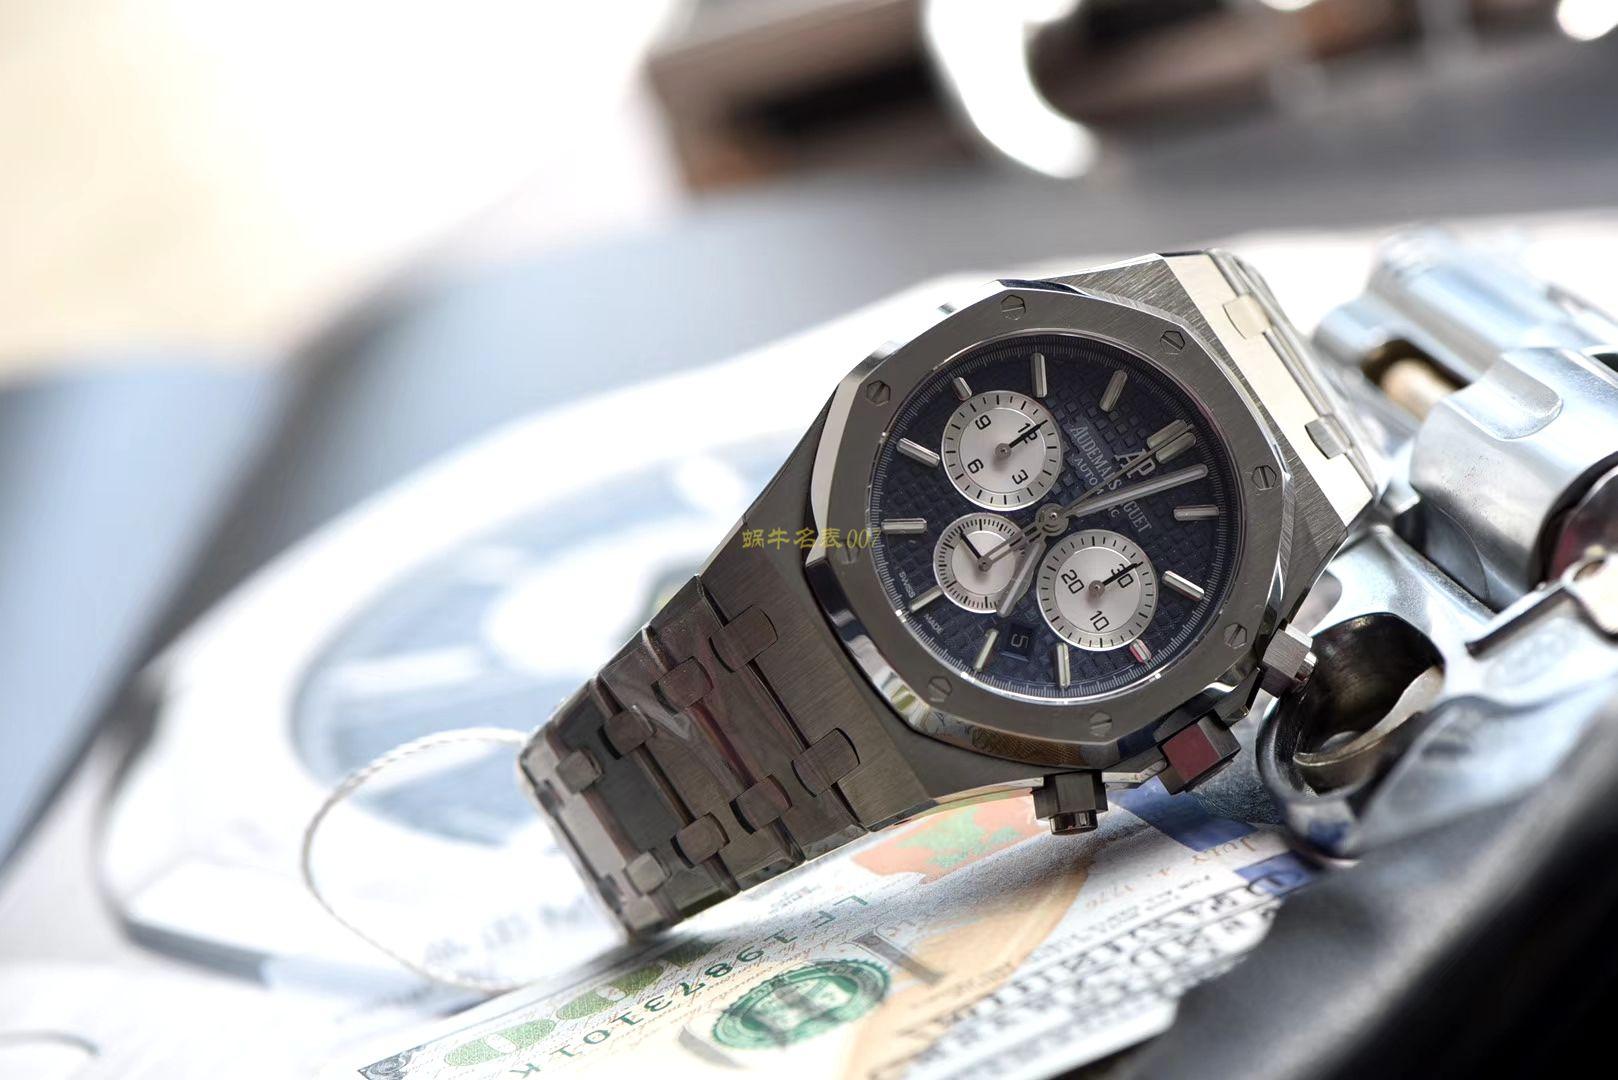 视频评测爱彼皇家橡树系列26331ST.OO.1220ST.01腕表一比一高仿手表【OM厂皇家橡树计时】